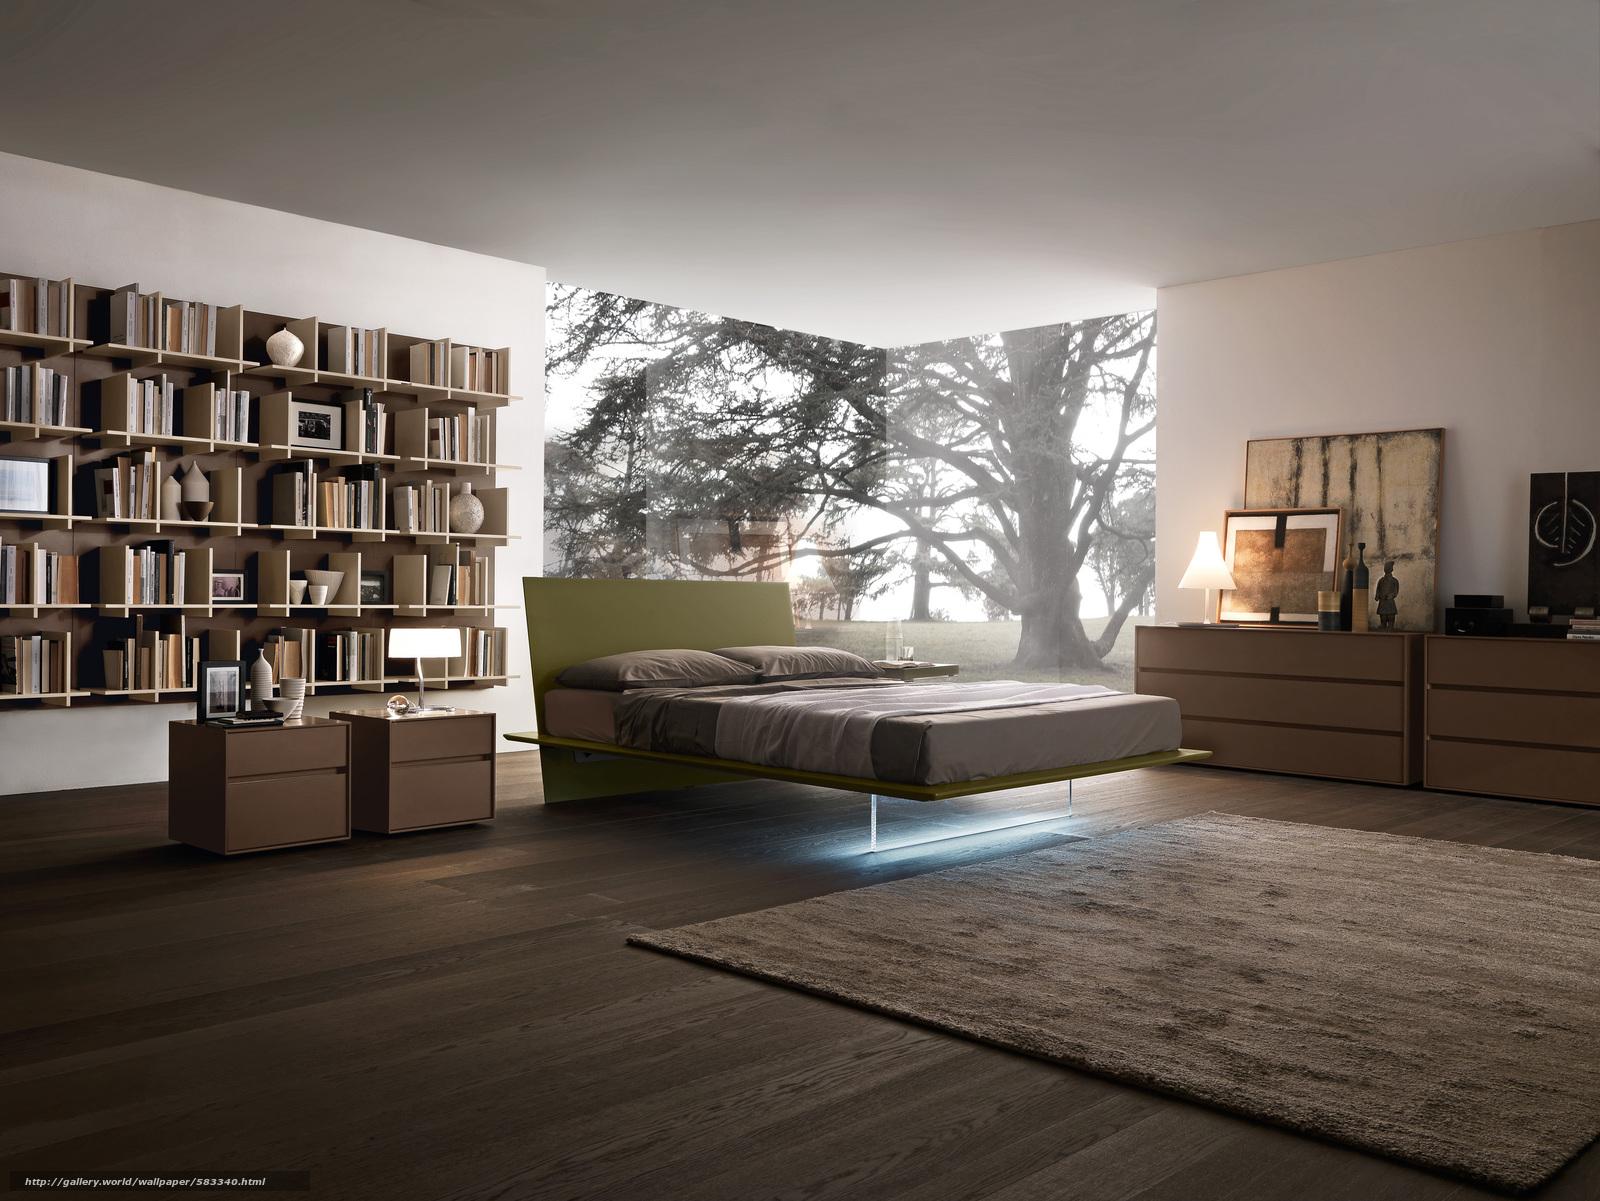 Скачать обои спальня,  комната,  вилла,  дом бесплатно для рабочего стола в разрешении 2953x2216 — картинка №583340